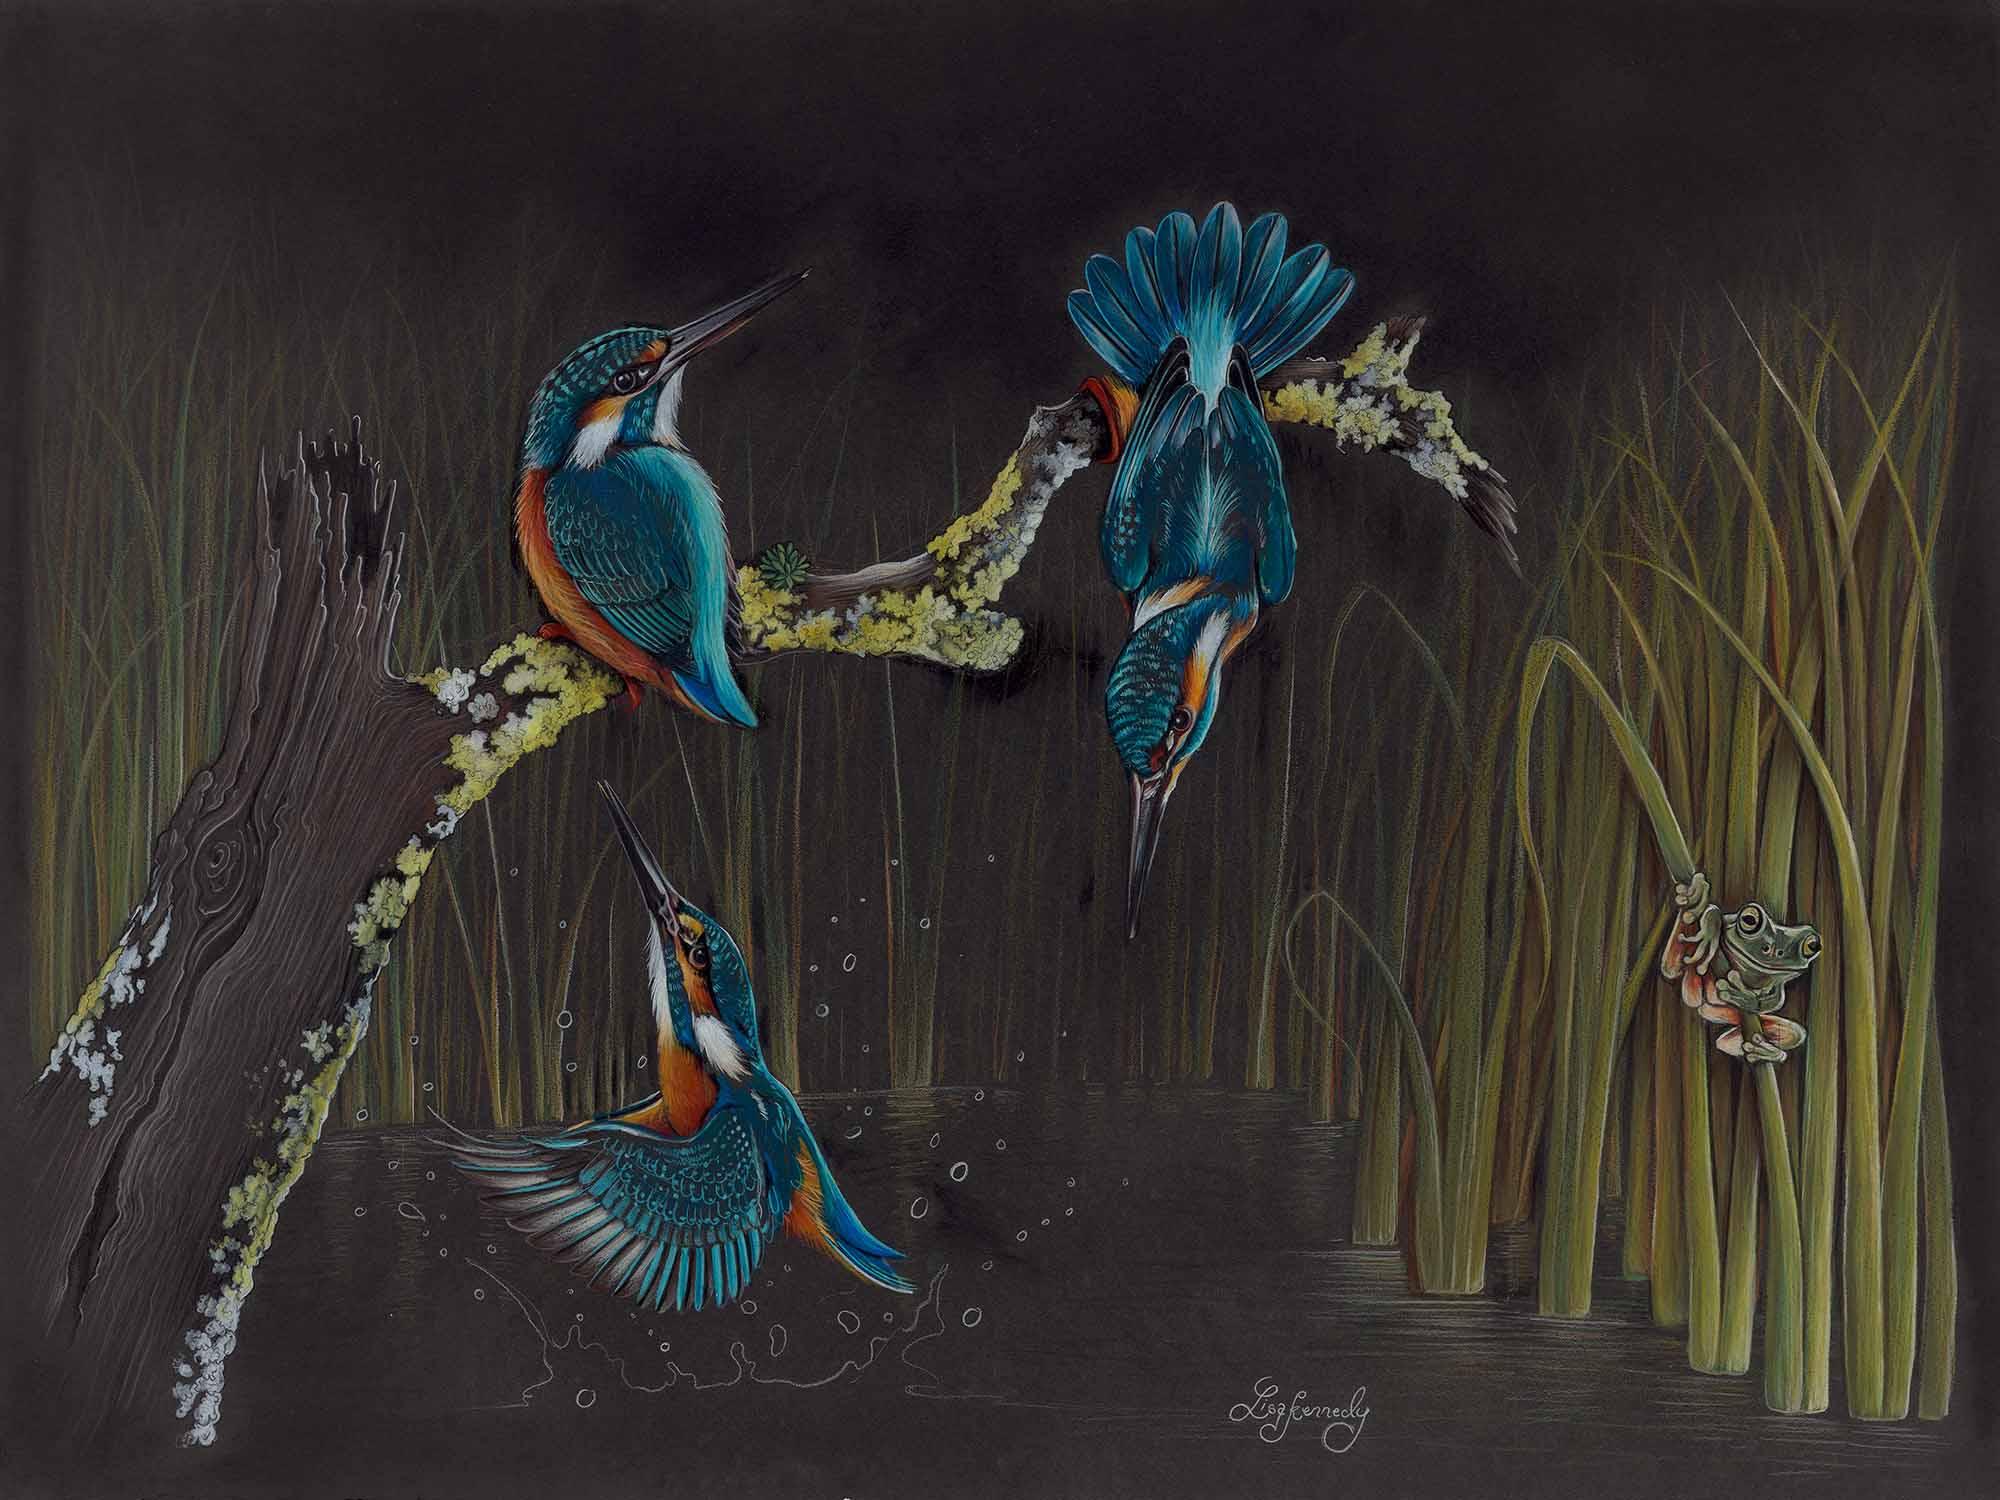 Lisa kennedy 013 kingfisher frenzy 2000px lnlzjx